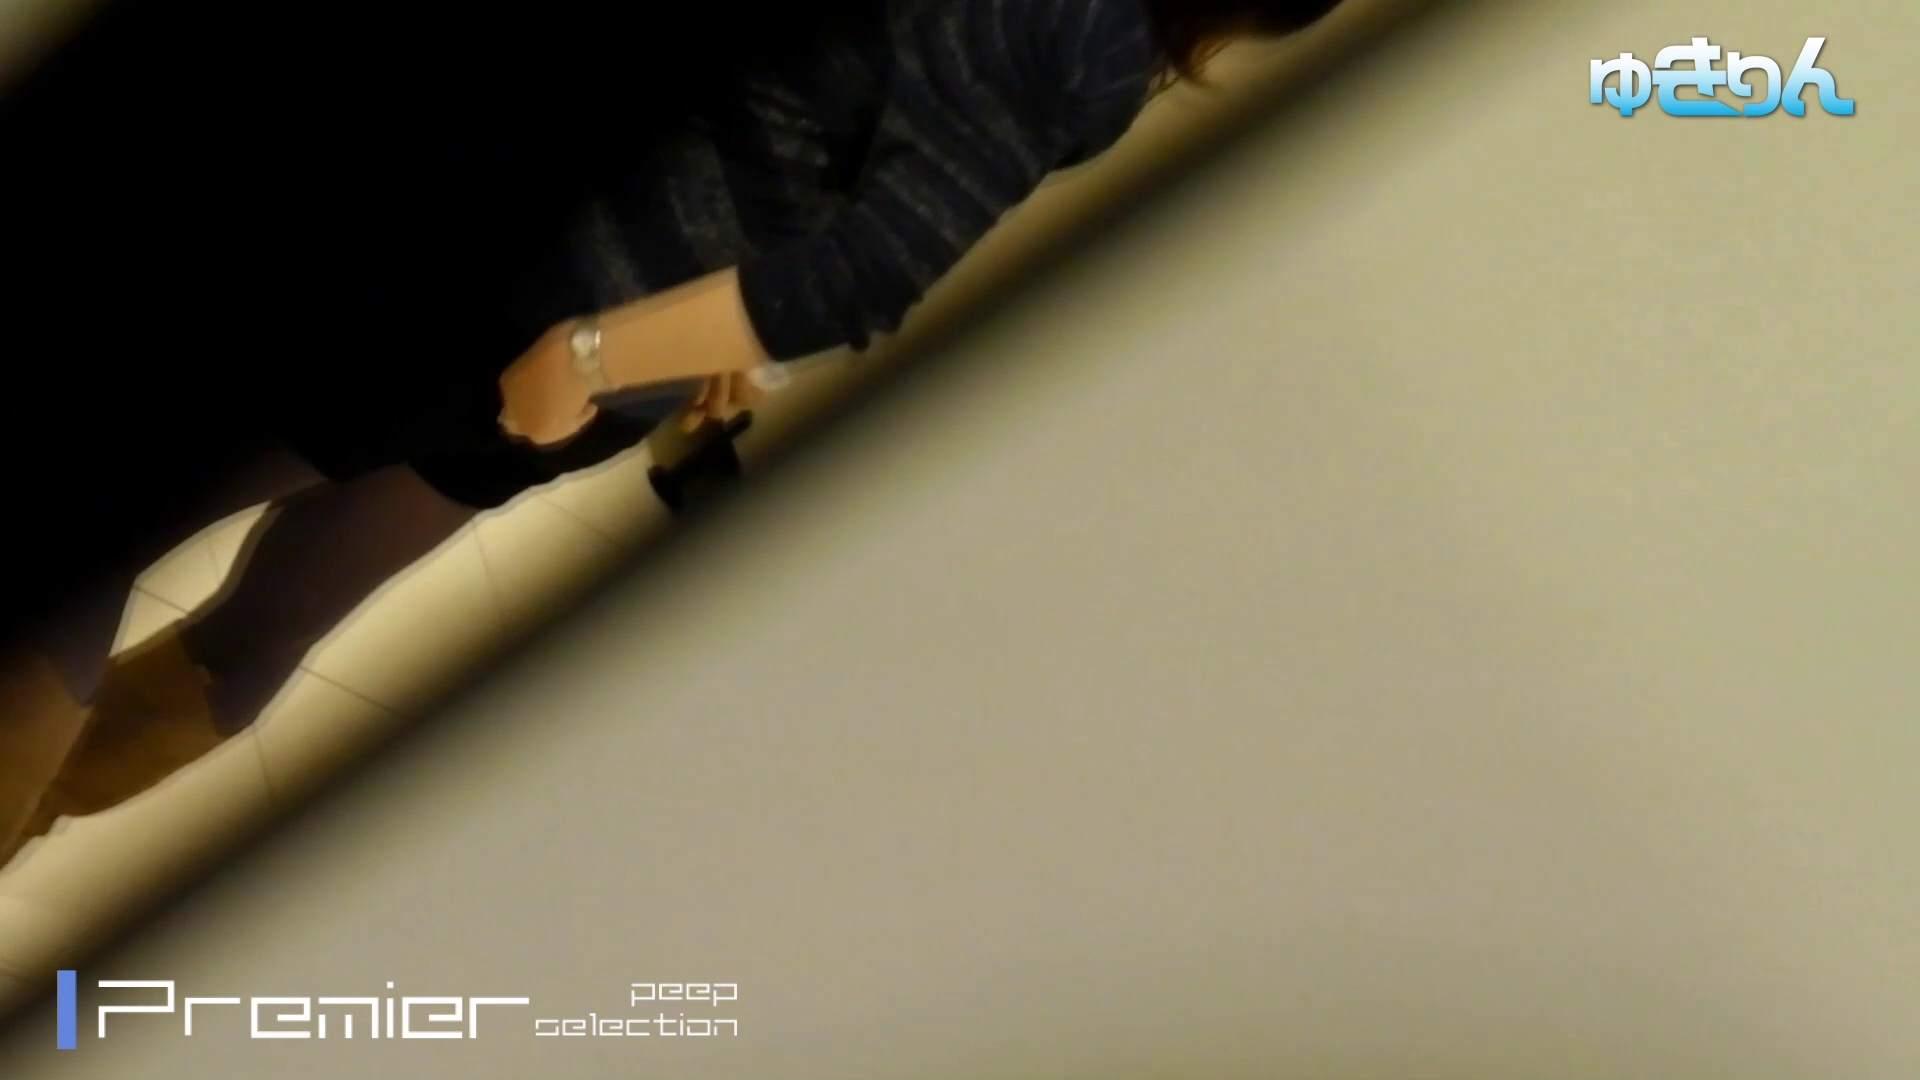 新世界の射窓 No100 祝 記念版!異次元な明るさと技術 無料動画 0  40連発 12